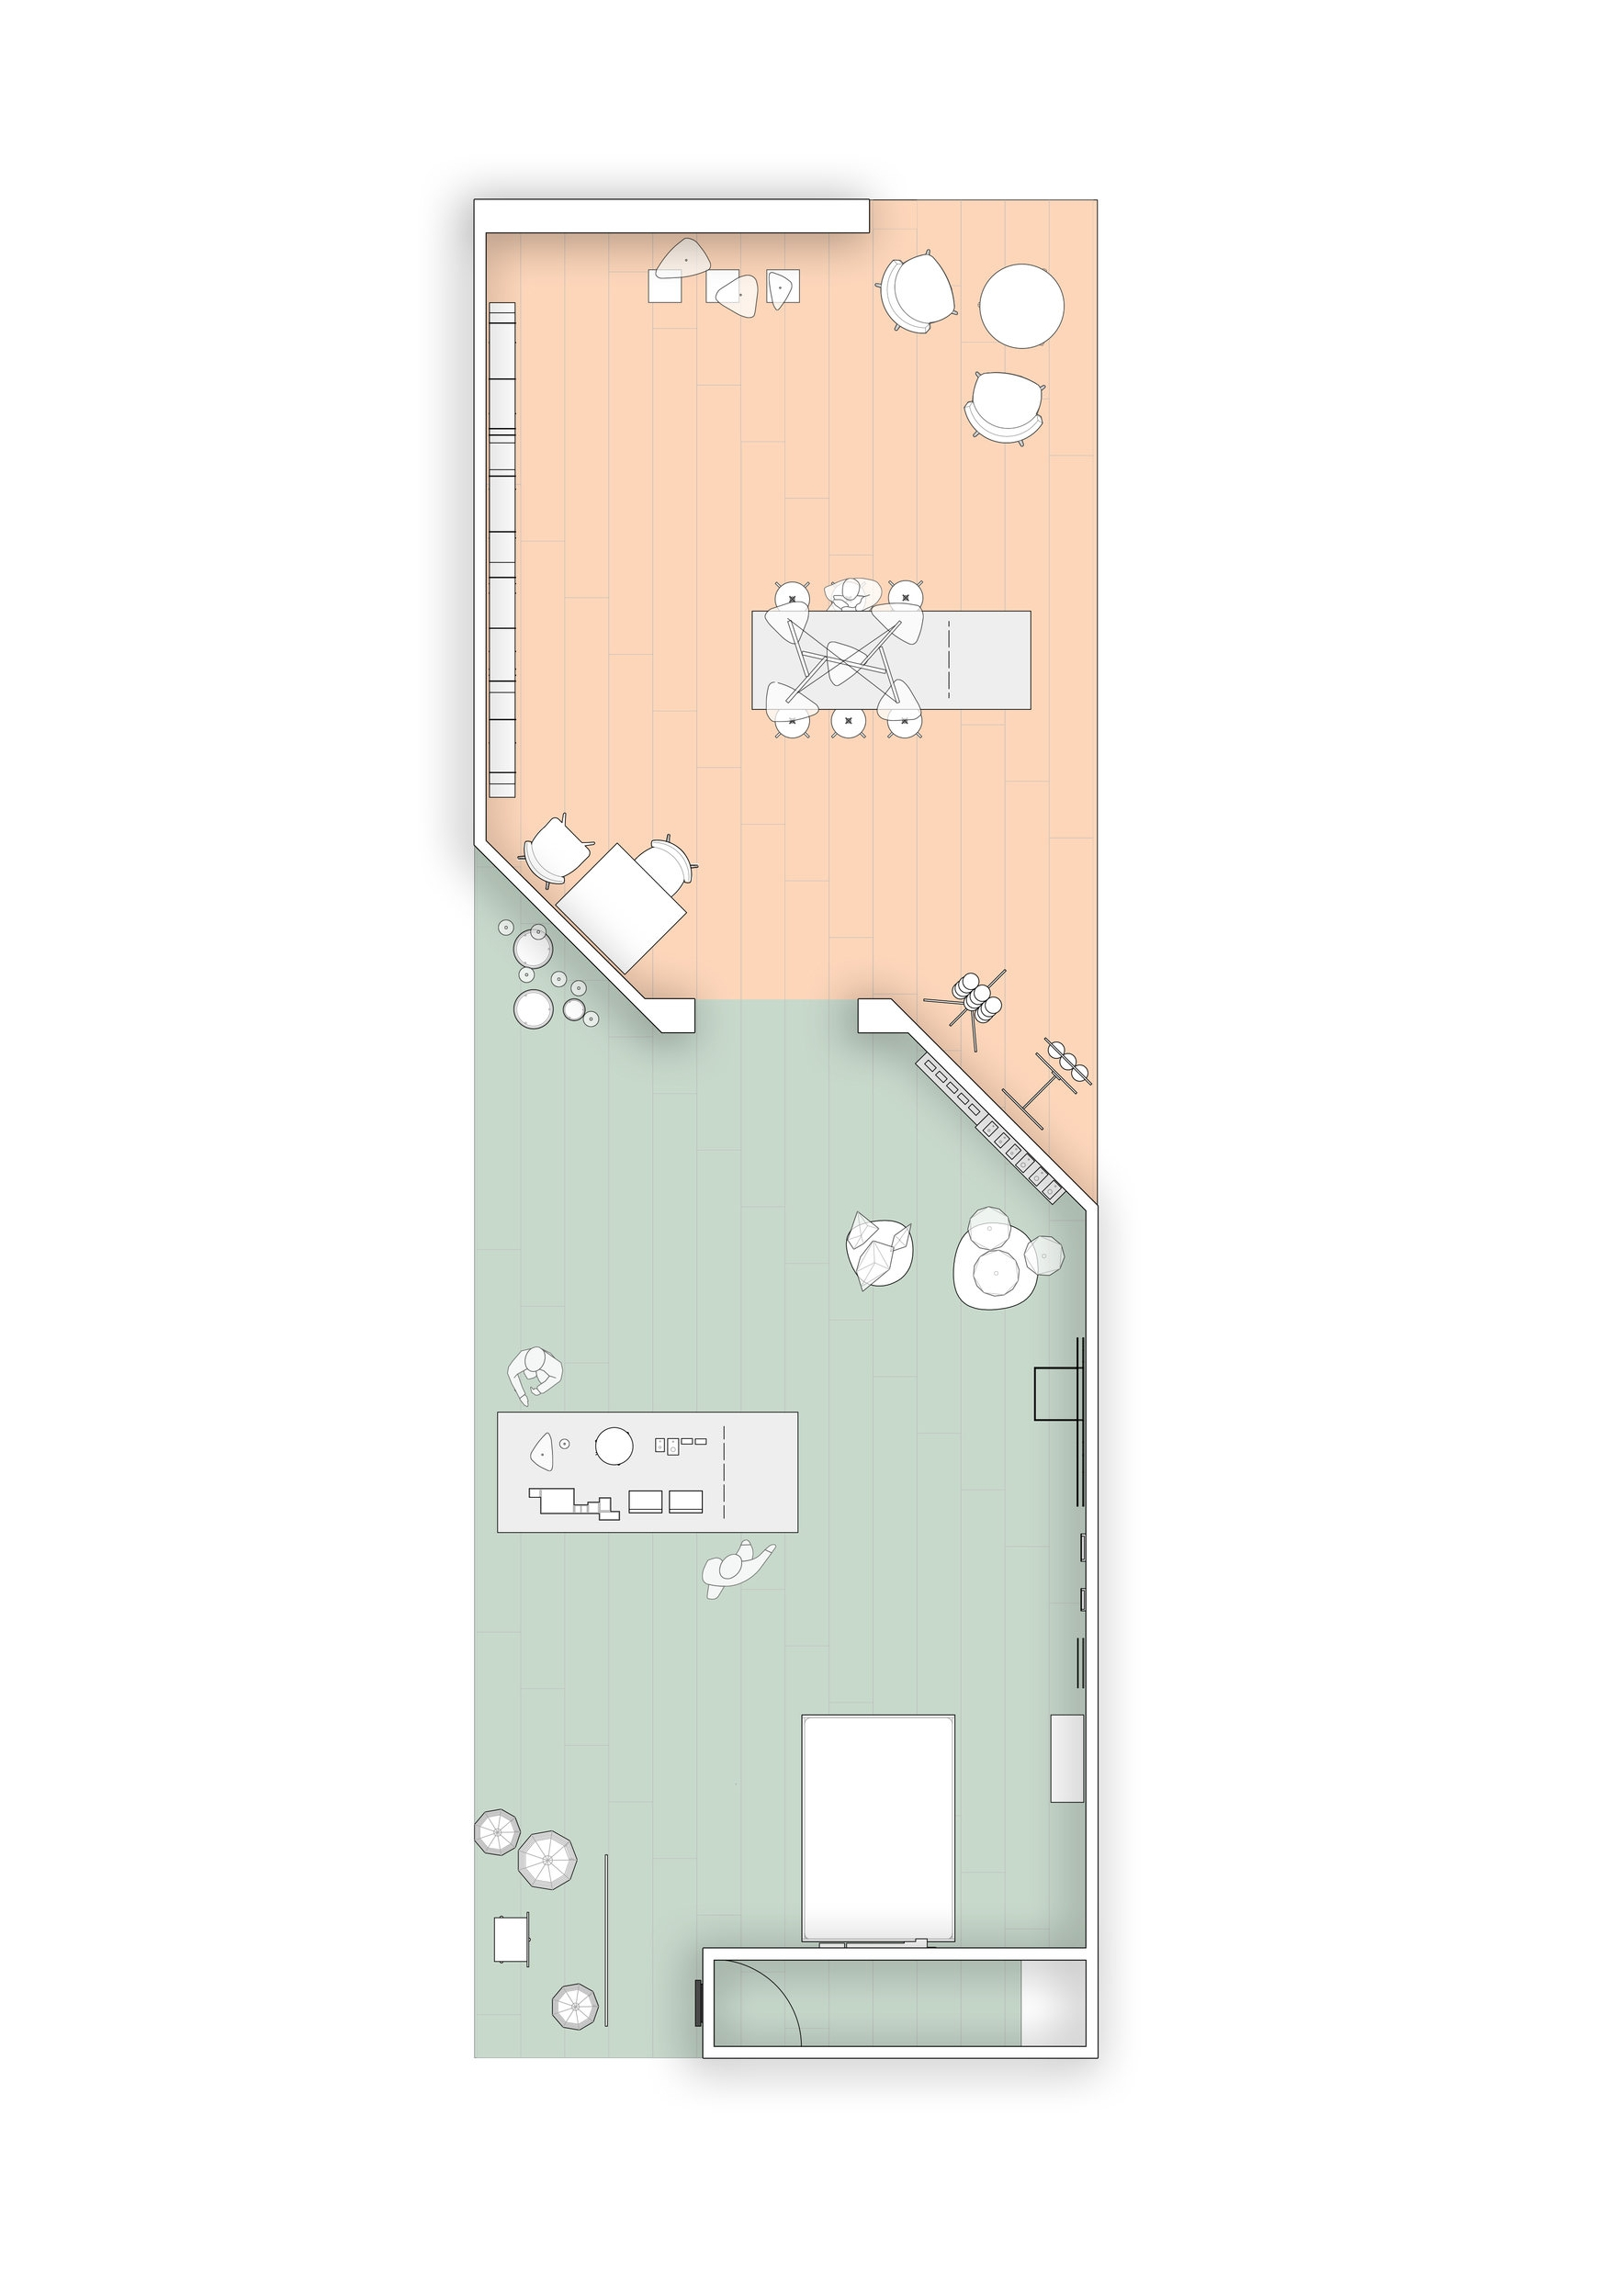 berlin-design-selection-kortrijk_tradefair-exhibition-design_coordination-berlin_16.jpg